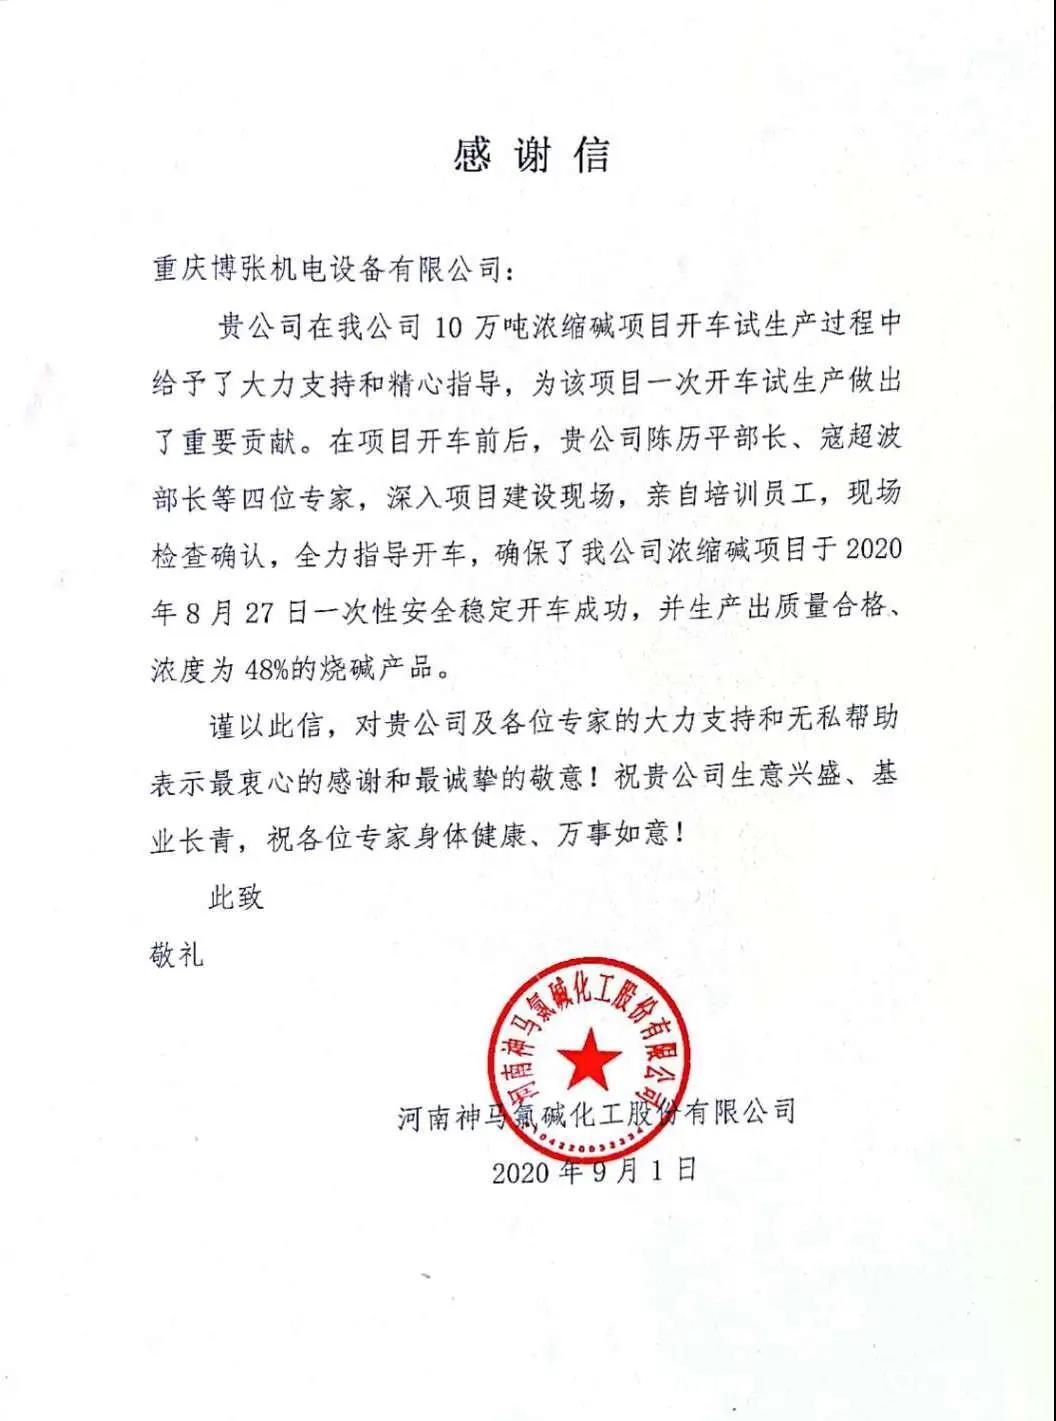 热烈祝贺由重庆博张机电设备有限公司指导的中国平煤神马集团河南神马氯碱化工股份有限公司10万吨/年50%液碱装置一次性开车成功